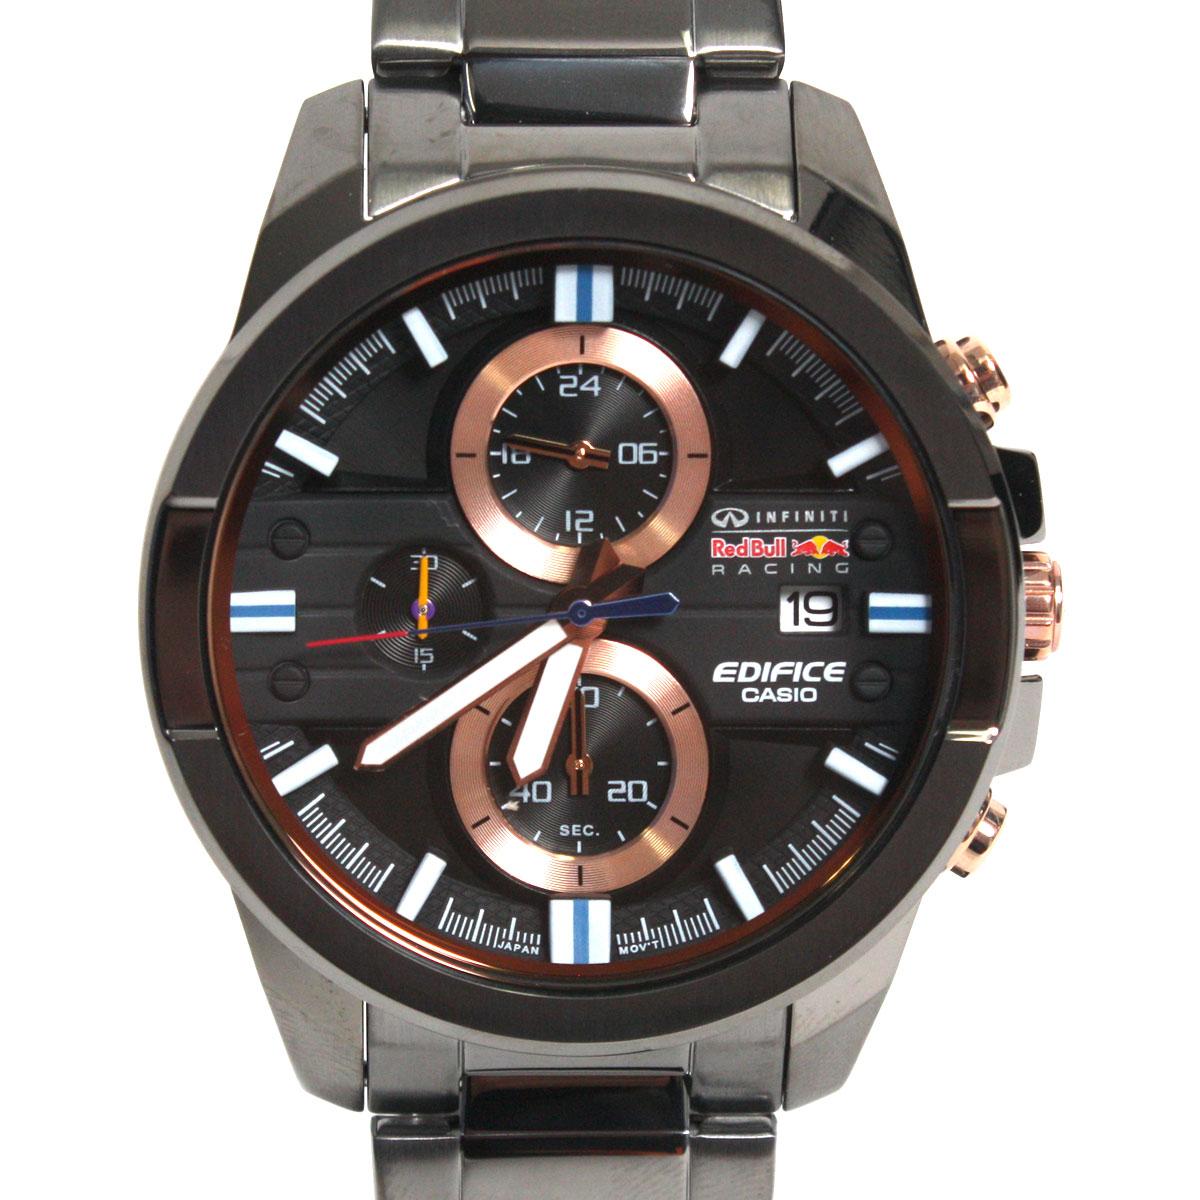 【送料無料】CASIO カシオ 腕時計 EFR-543RBM-1ADR EDIFICE エディフィス クロノグラフ ブラック×ガンメタル 海外モデル